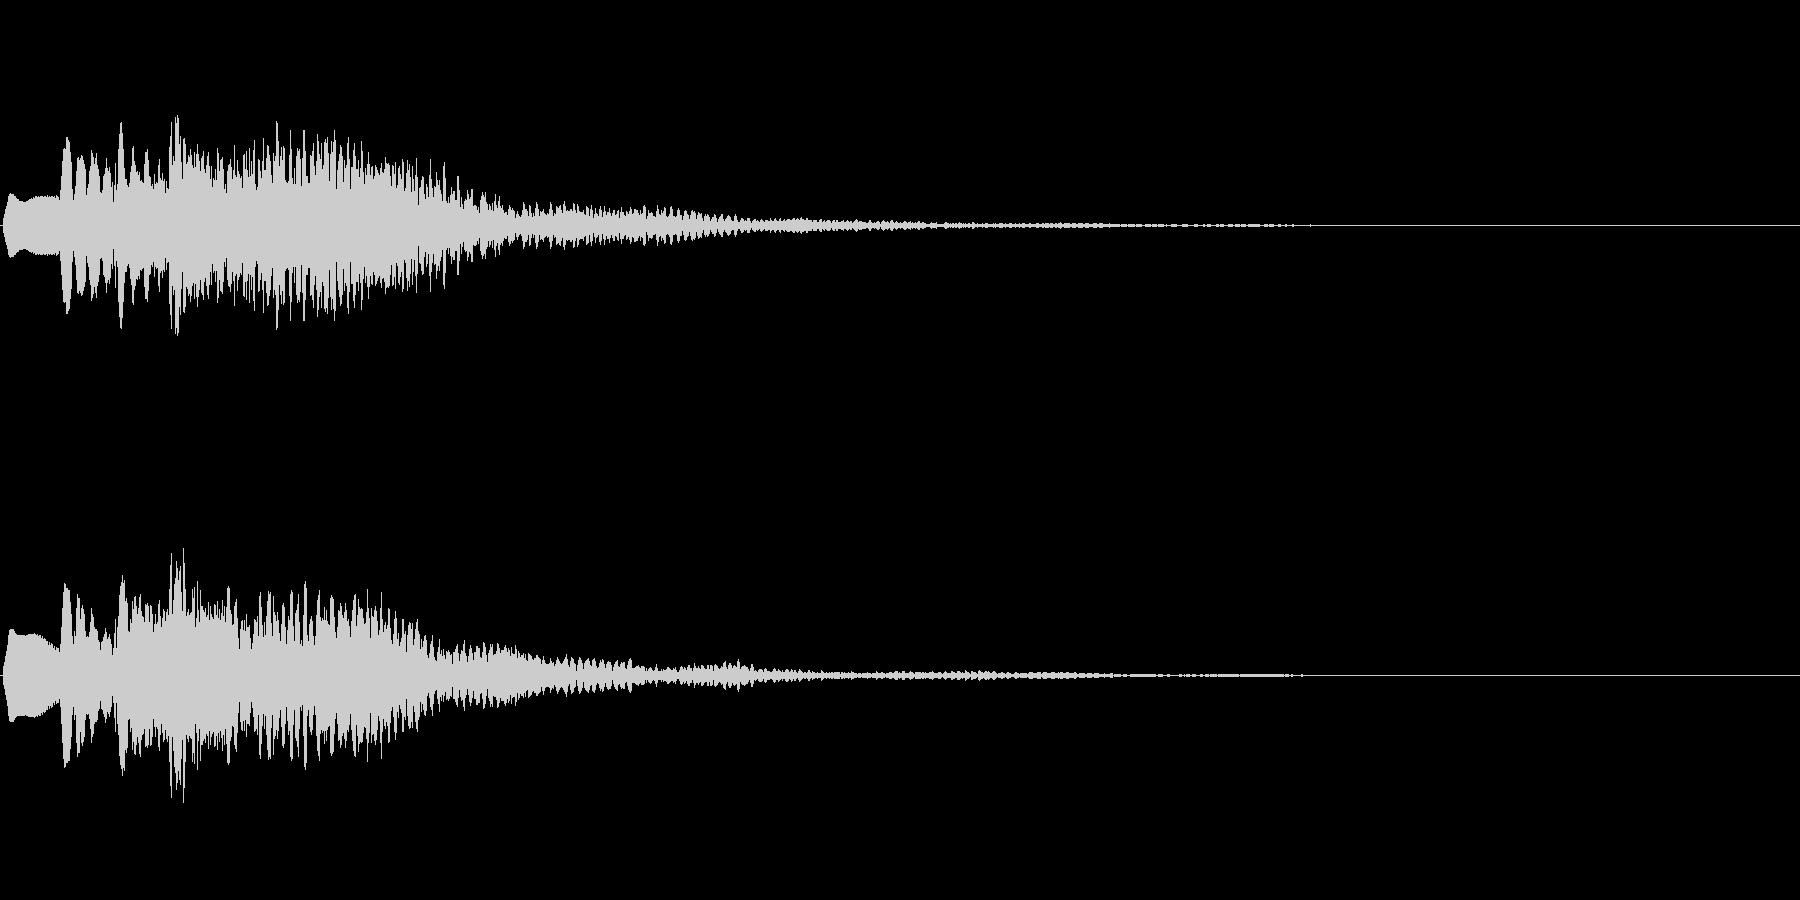 「スッキリした」という音の未再生の波形